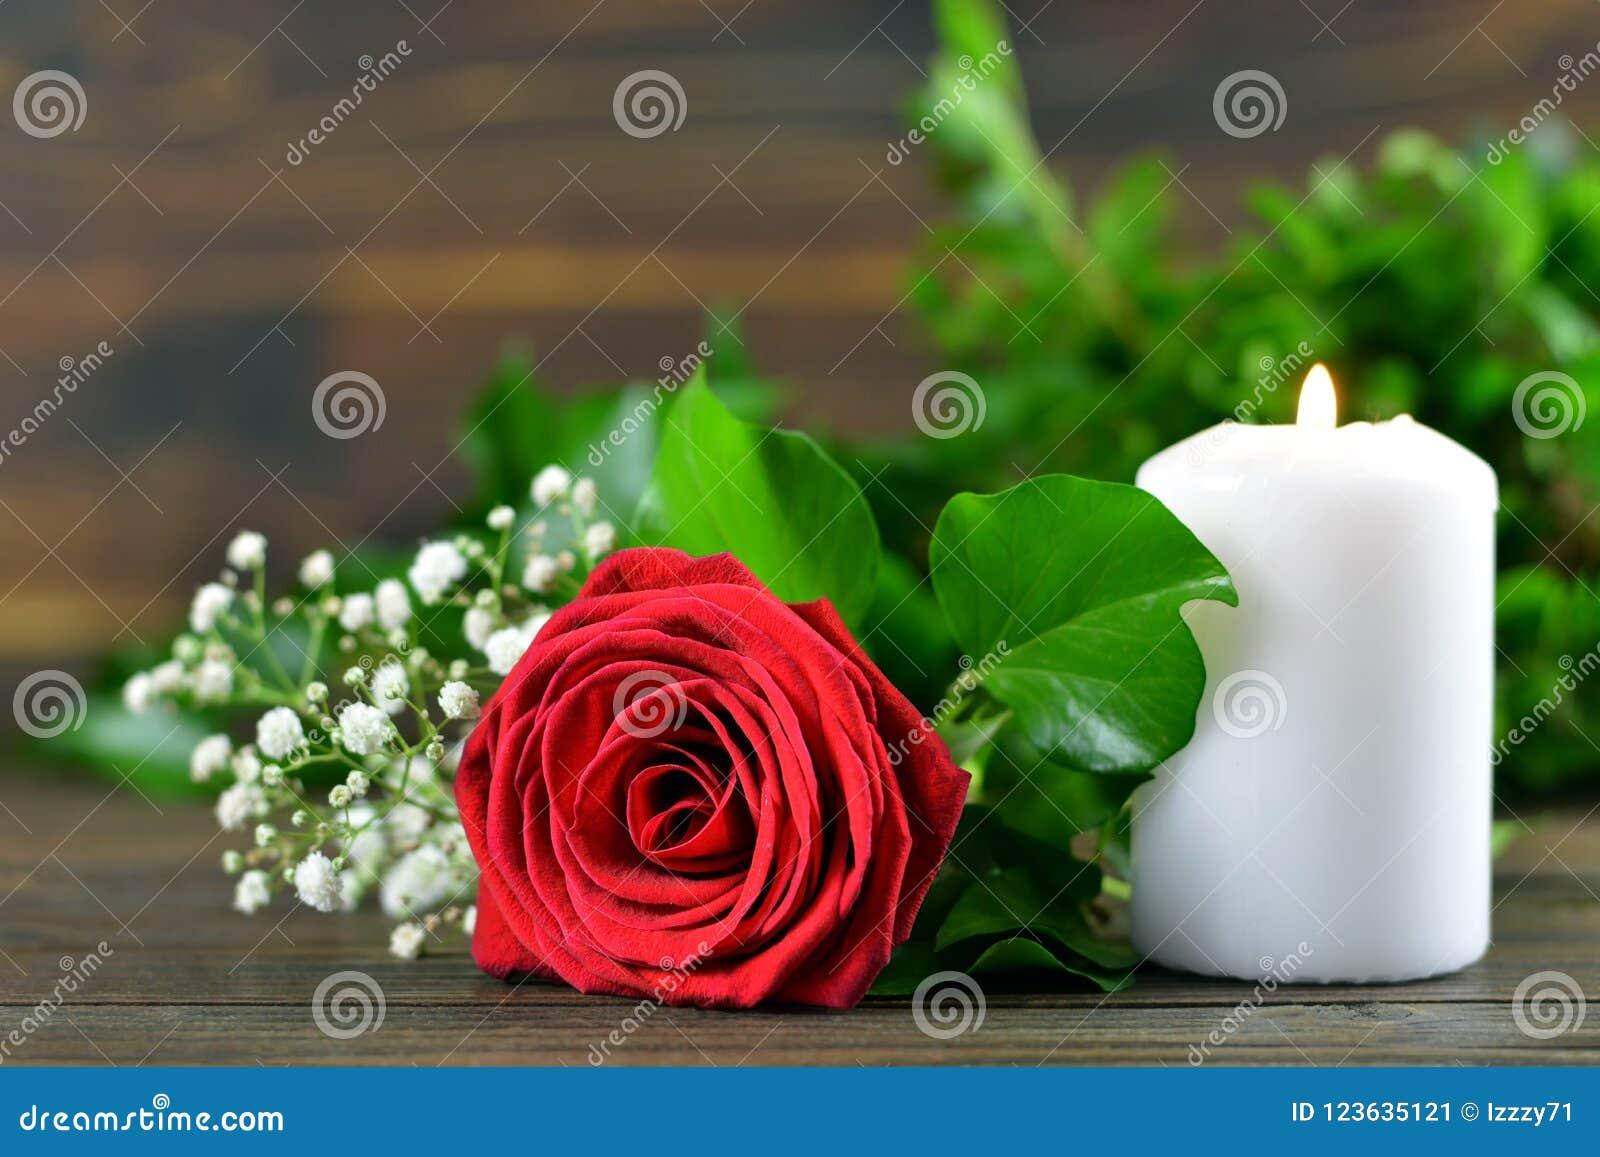 Rotrose und weiße brennende Kerze